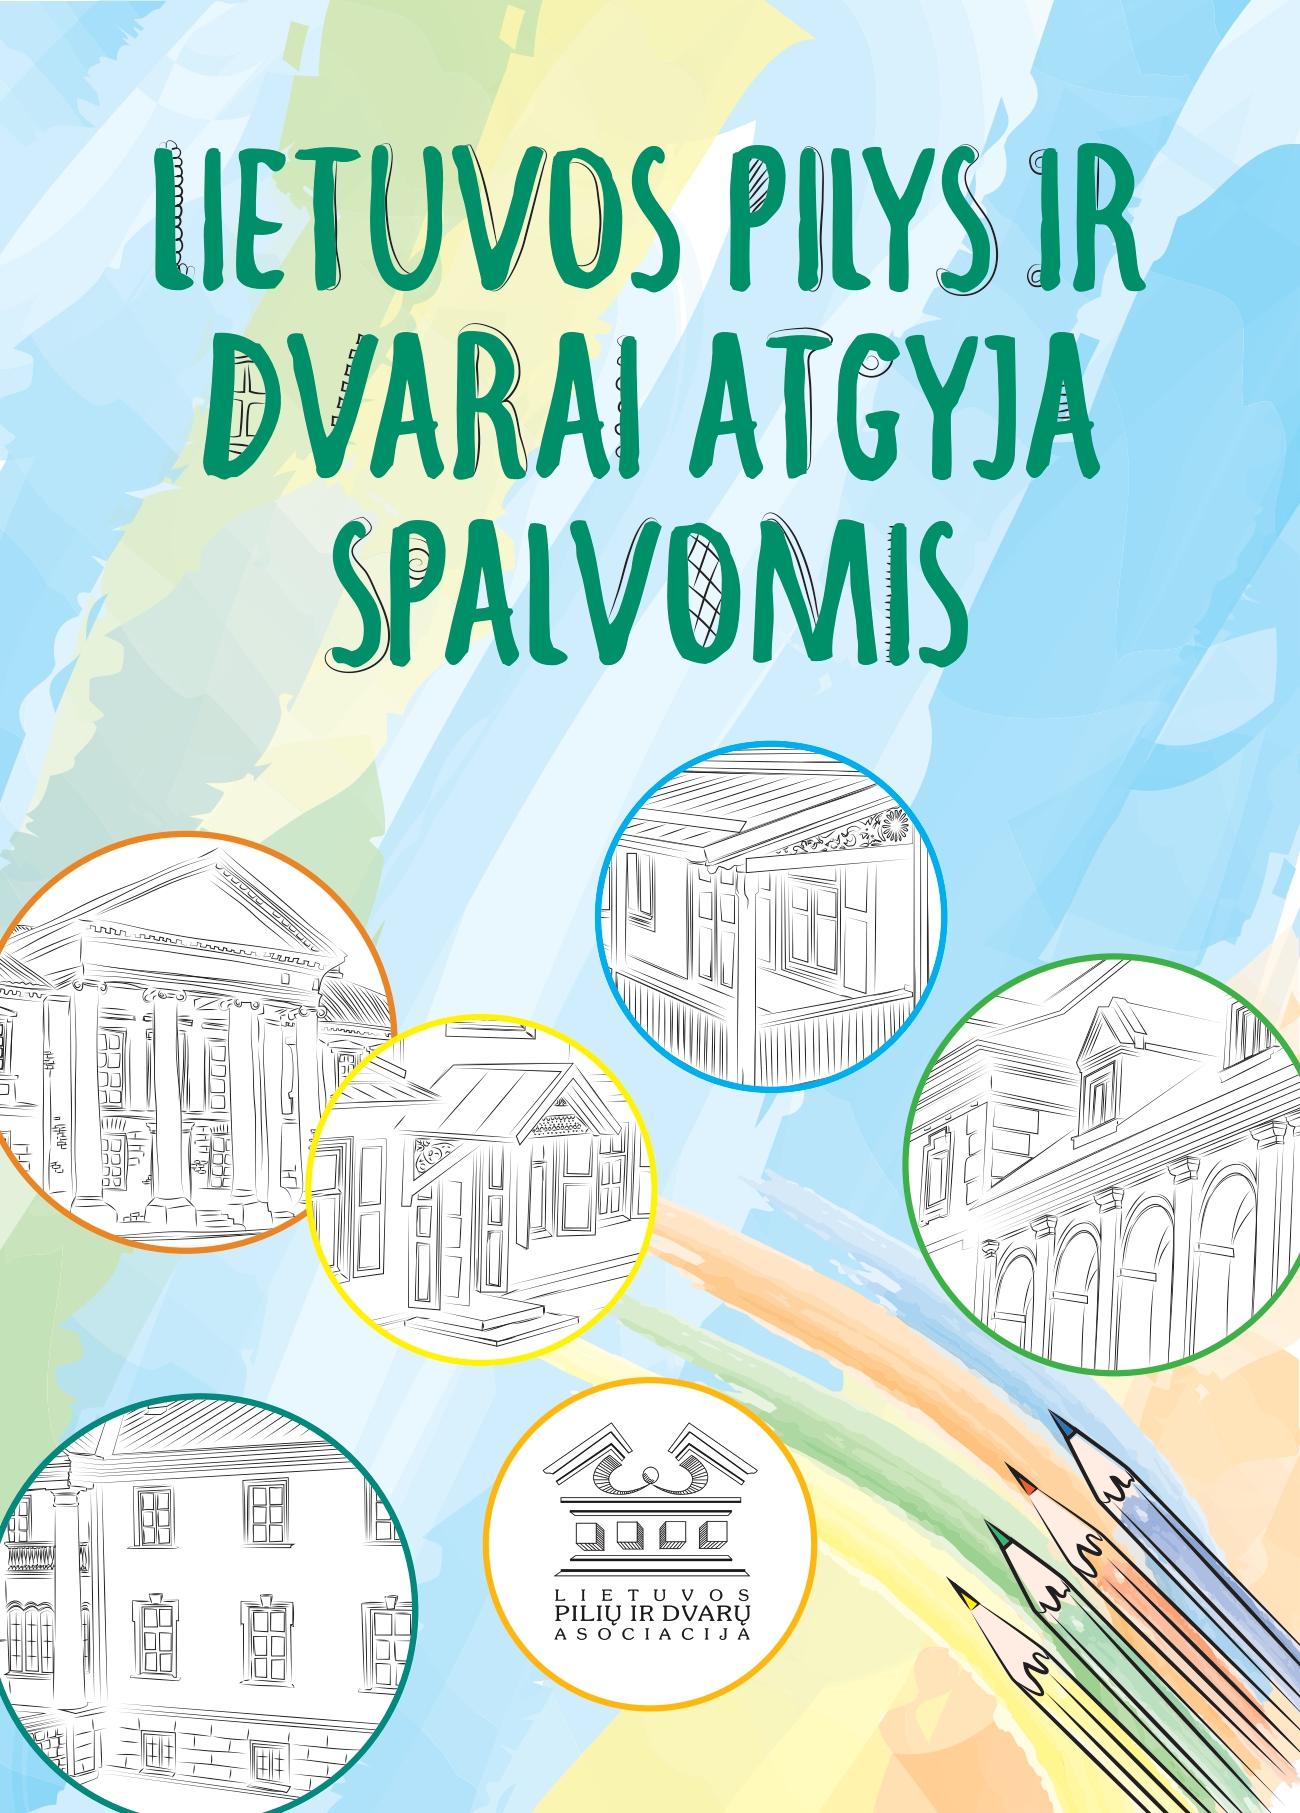 Spalvinimo knygos viršelis | Kultūros paveldo departamento nuotr.